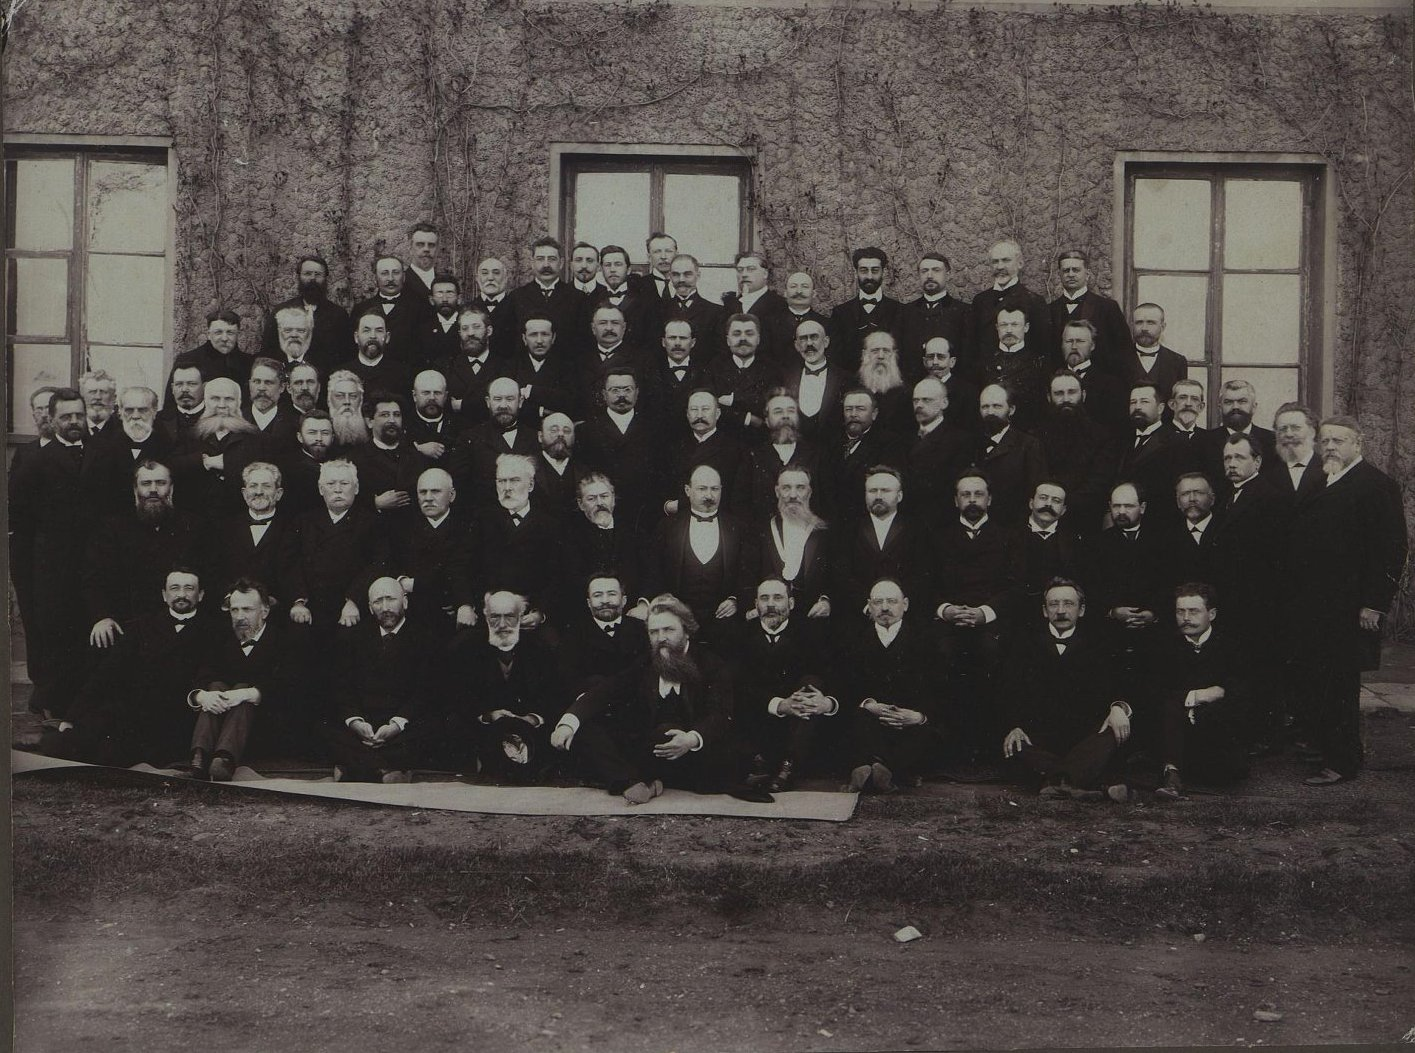 Выборщики в Думу от города Одессы. Старосельский Г., Гриншпун Б. 1906 г.